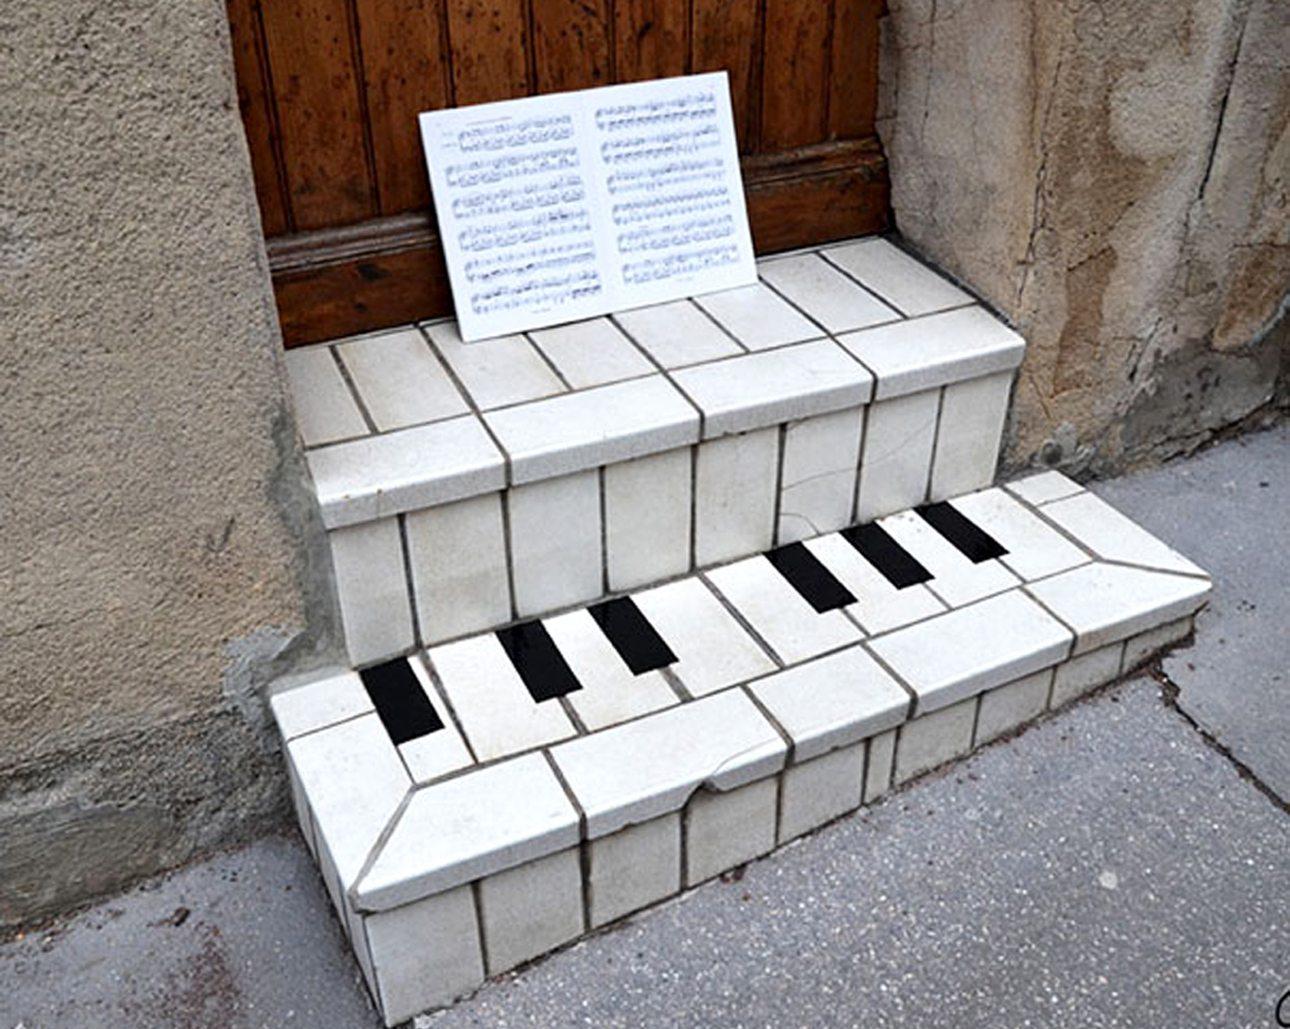 Οι παρτιτούρες μαζί με την ξύλινη πόρτα και τα λευκά σκαλοπάτια, δημιουργούν ένα πολύ αληθοφανές πιάνο